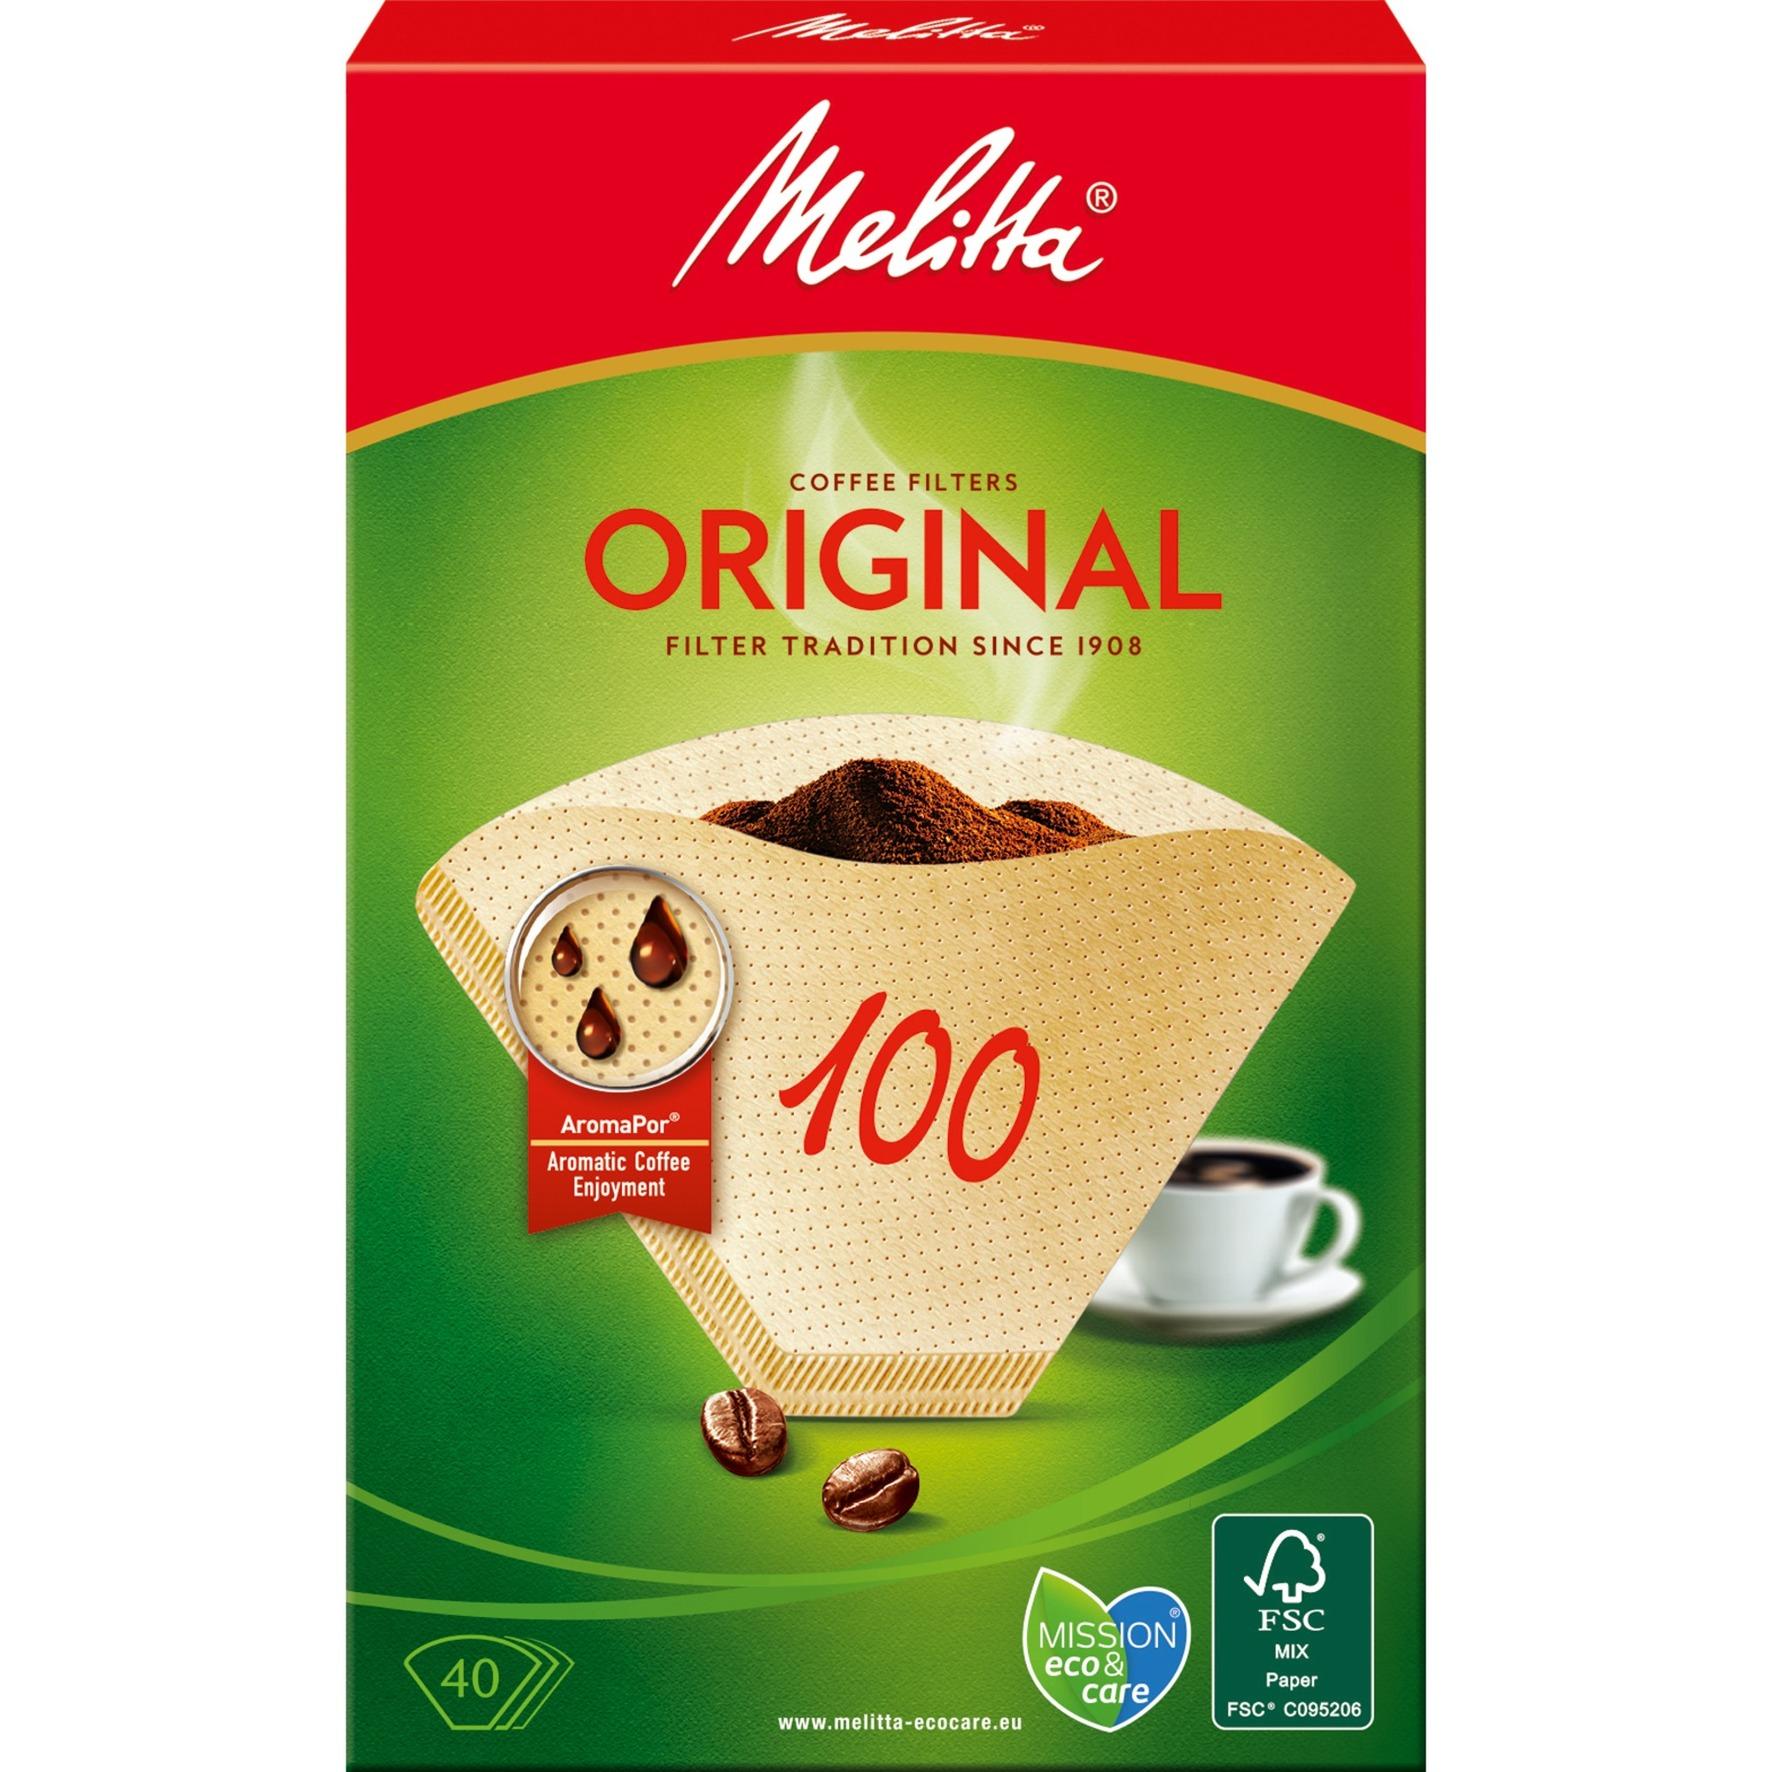 12603.3 bolsita y cápsula de café, Filtros de café